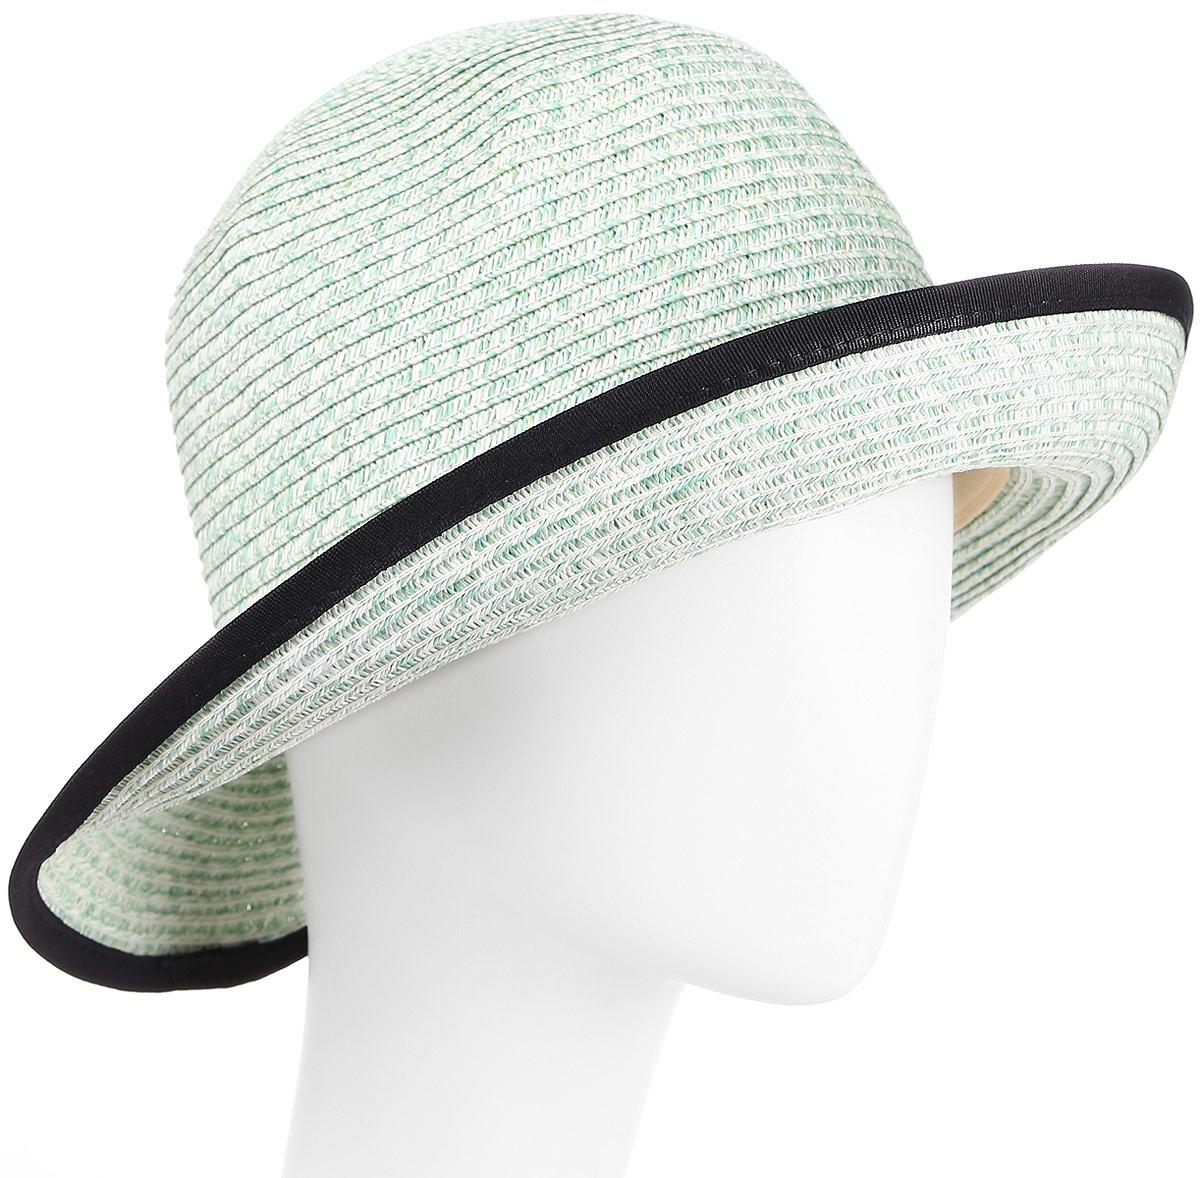 Шляпа женская Maxval, цвет: ментоловый. HtW100282. Размер 58HtW100282Модная шляпа Maxval выполнена из качественной бумажной соломки. Шляпа с широкими полями дополнена декоративным плетеным шнурком. Эта модель станет отличным аксессуаром и дополнит ваш повседневный образ.